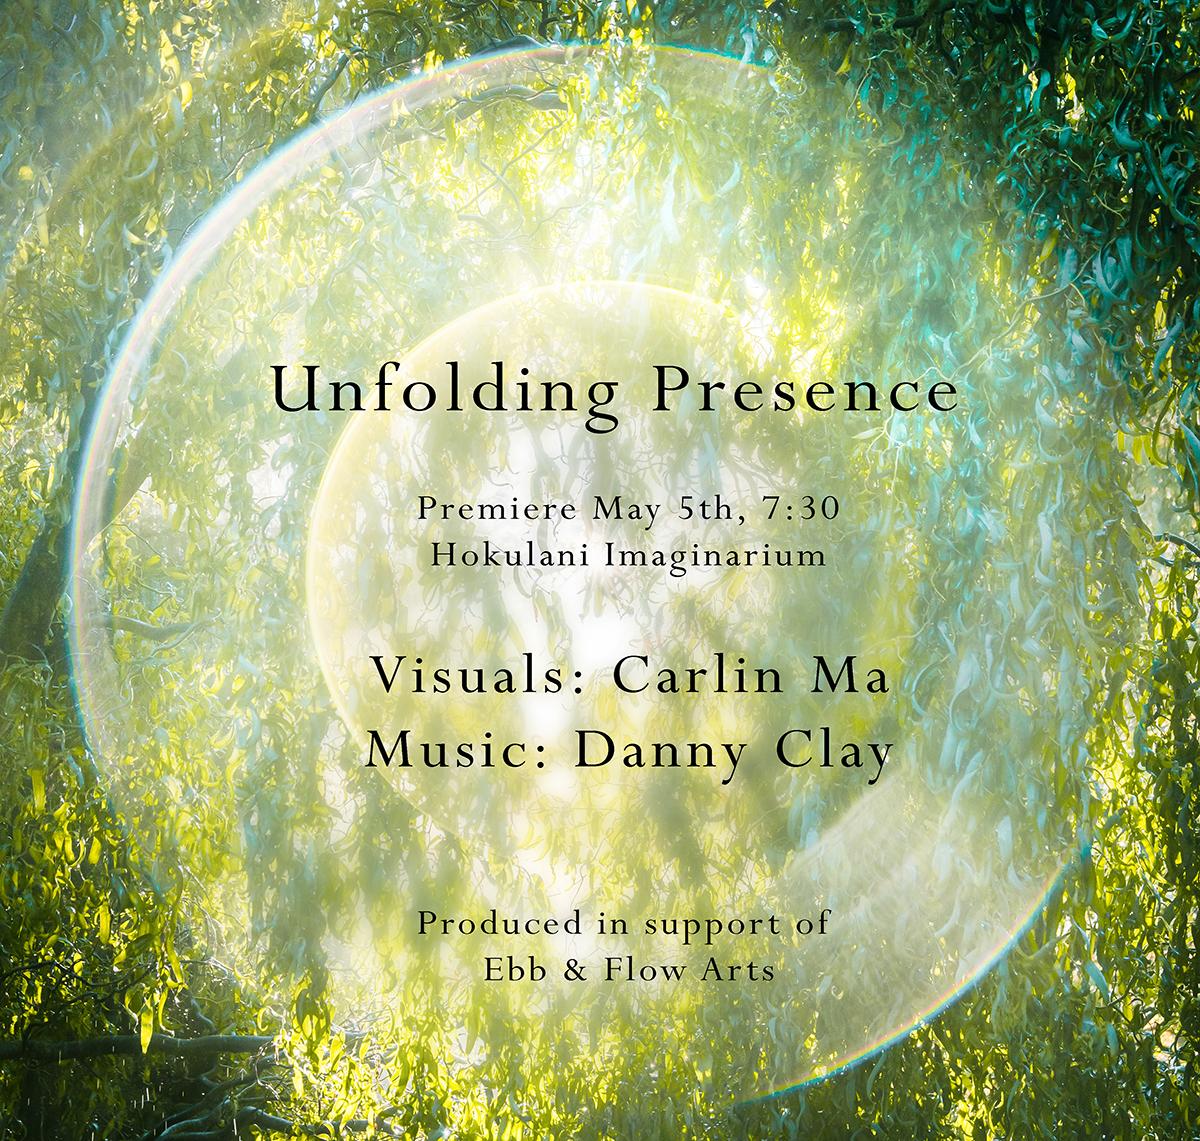 Unfolding Presence